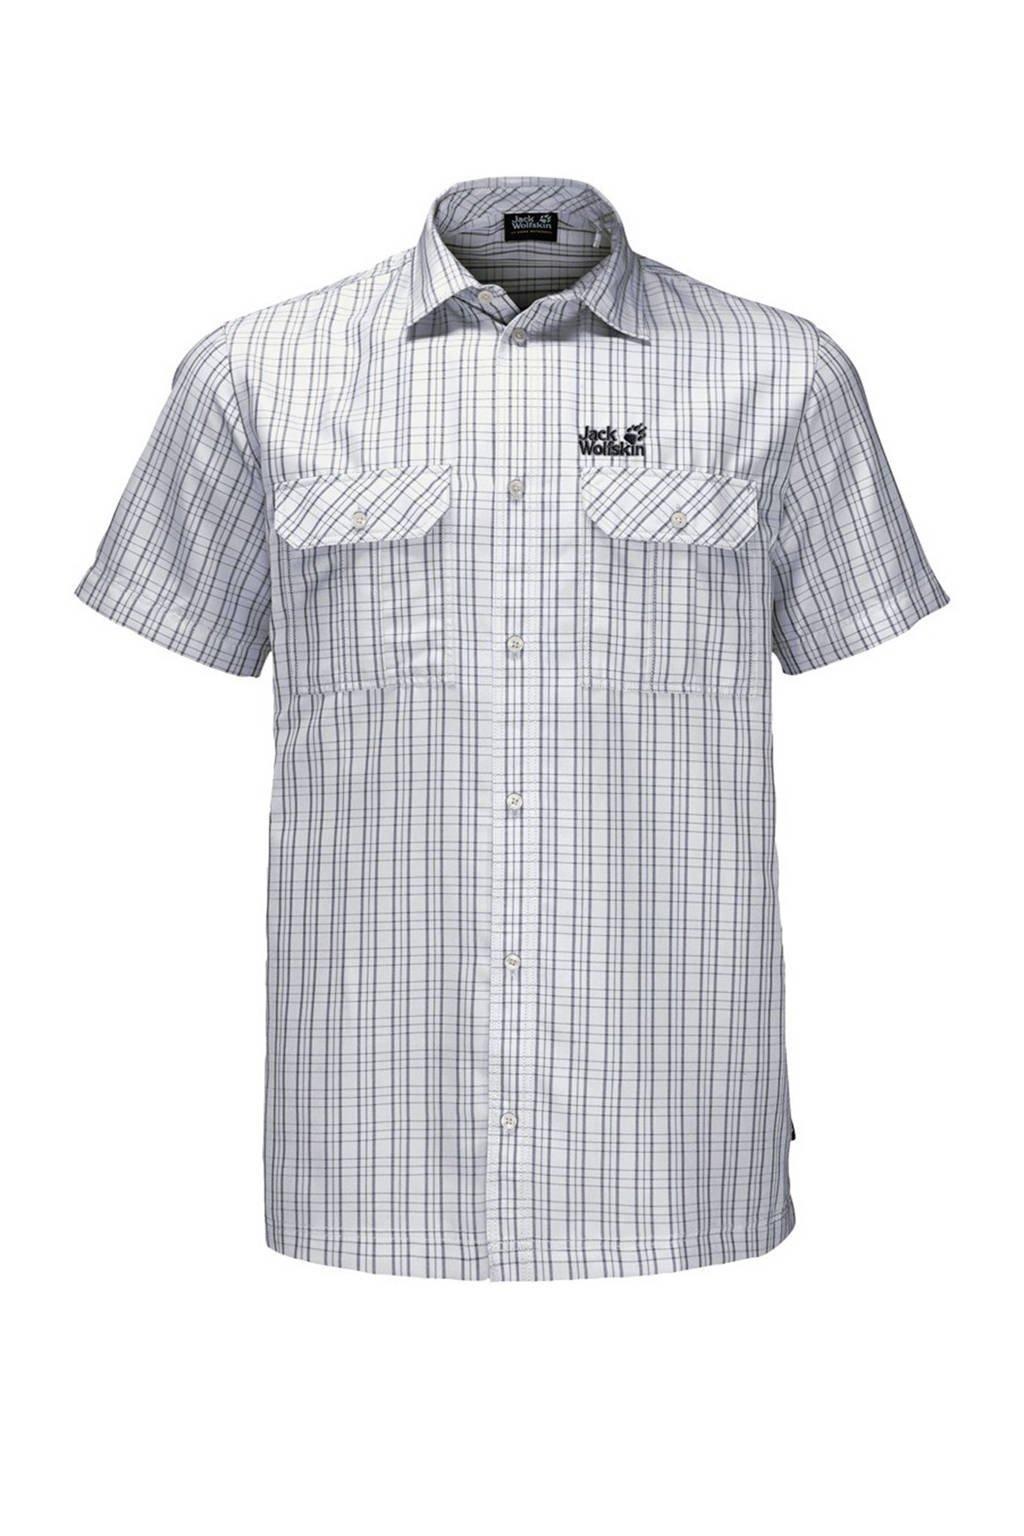 Jack Wolfskin outdoor overhemd blauw, White-Rush-Checks